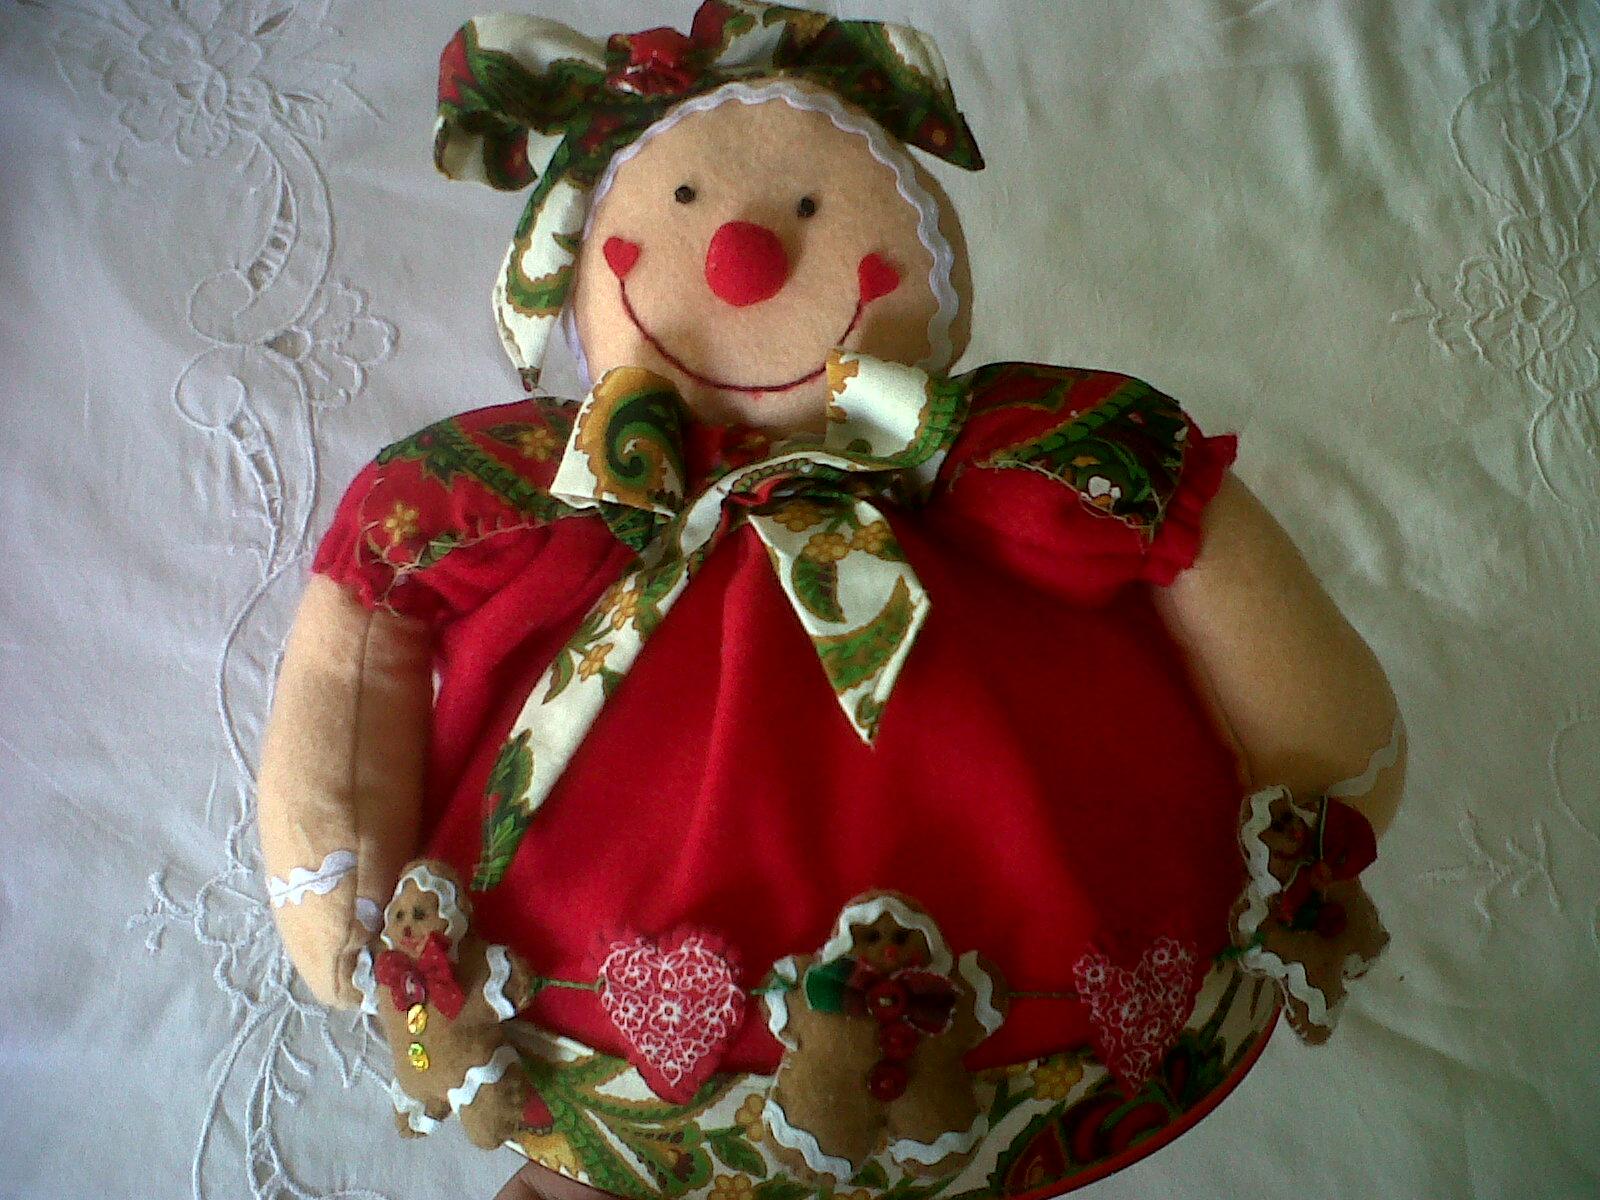 Adornos navide os galleta de jengibre elaborada en - Adornos navidenos tela ...